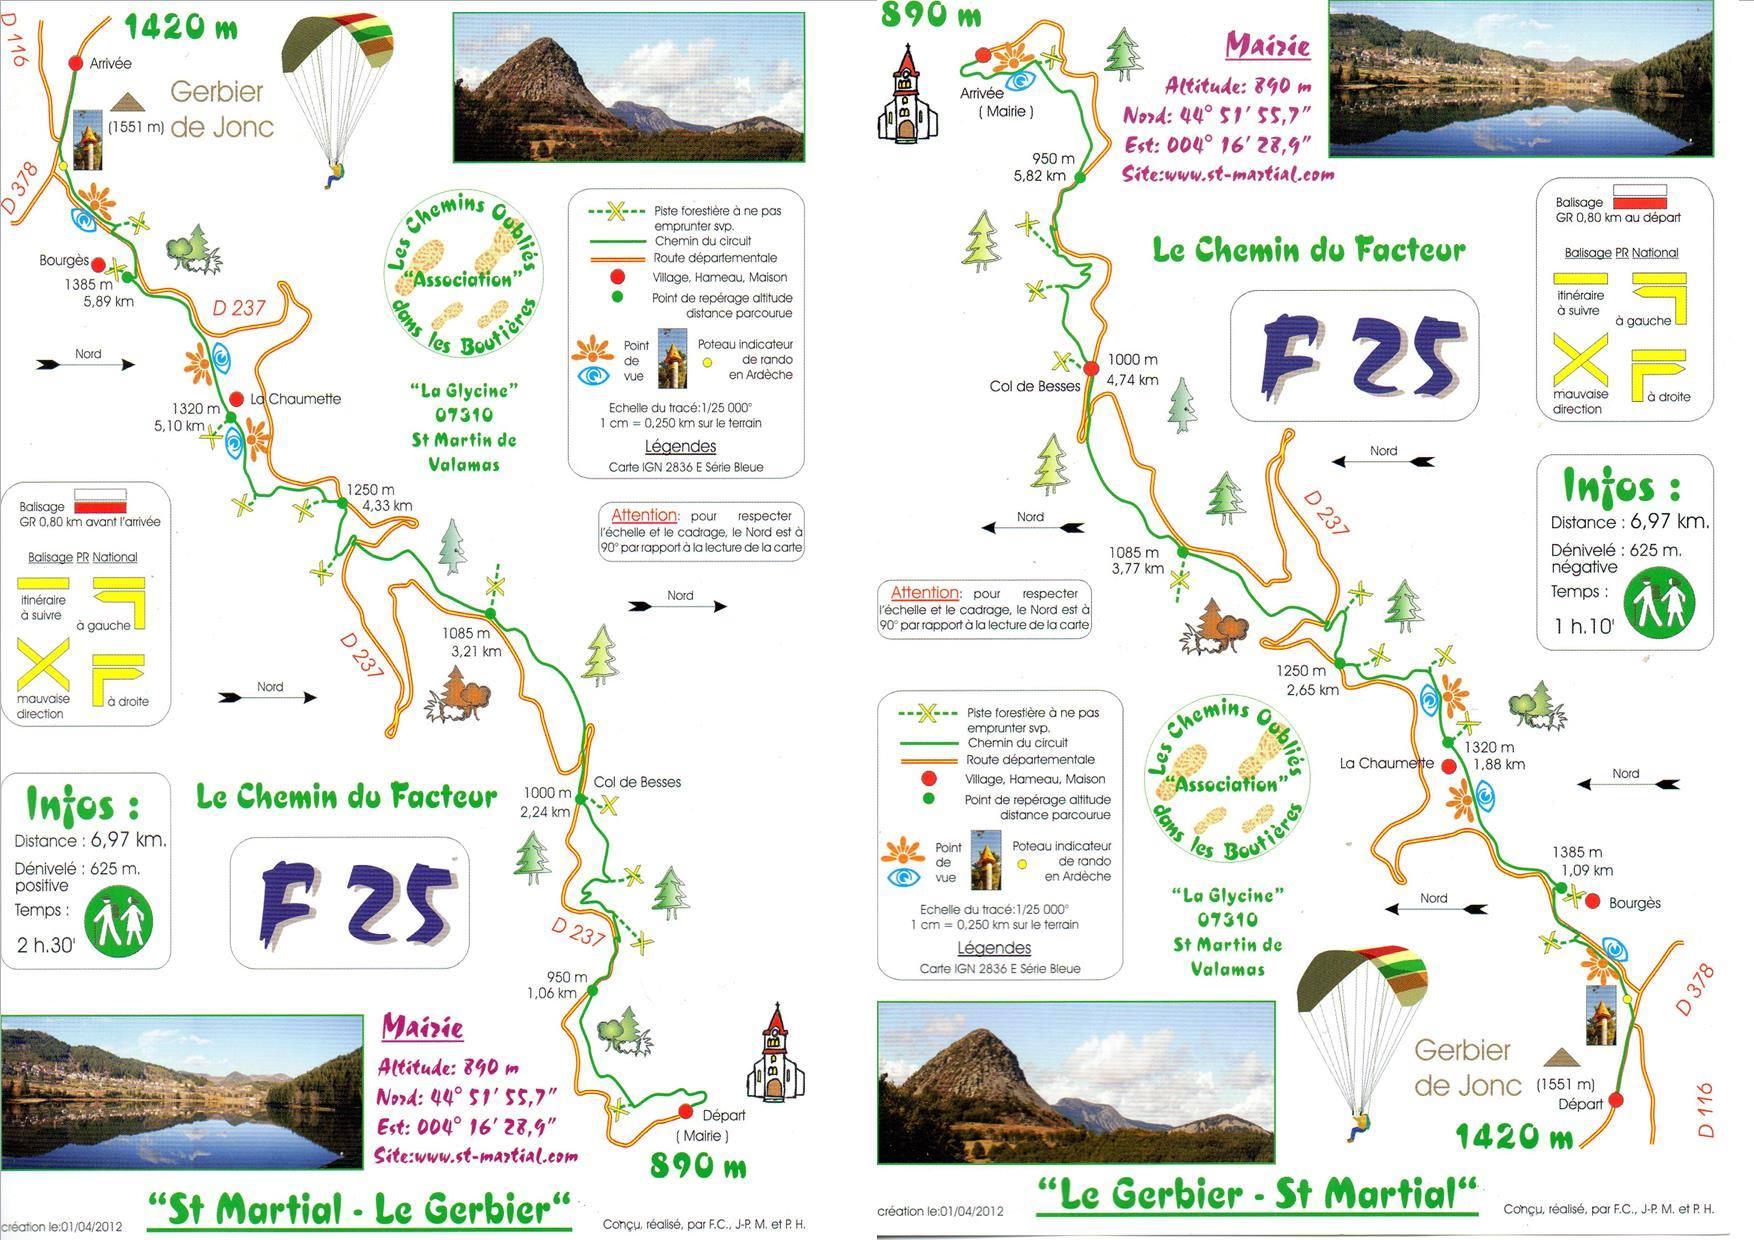 mont gerbier de jonc carte Mont Gerbier de Jonc (1551m) par le Sentier du facteur de Saint